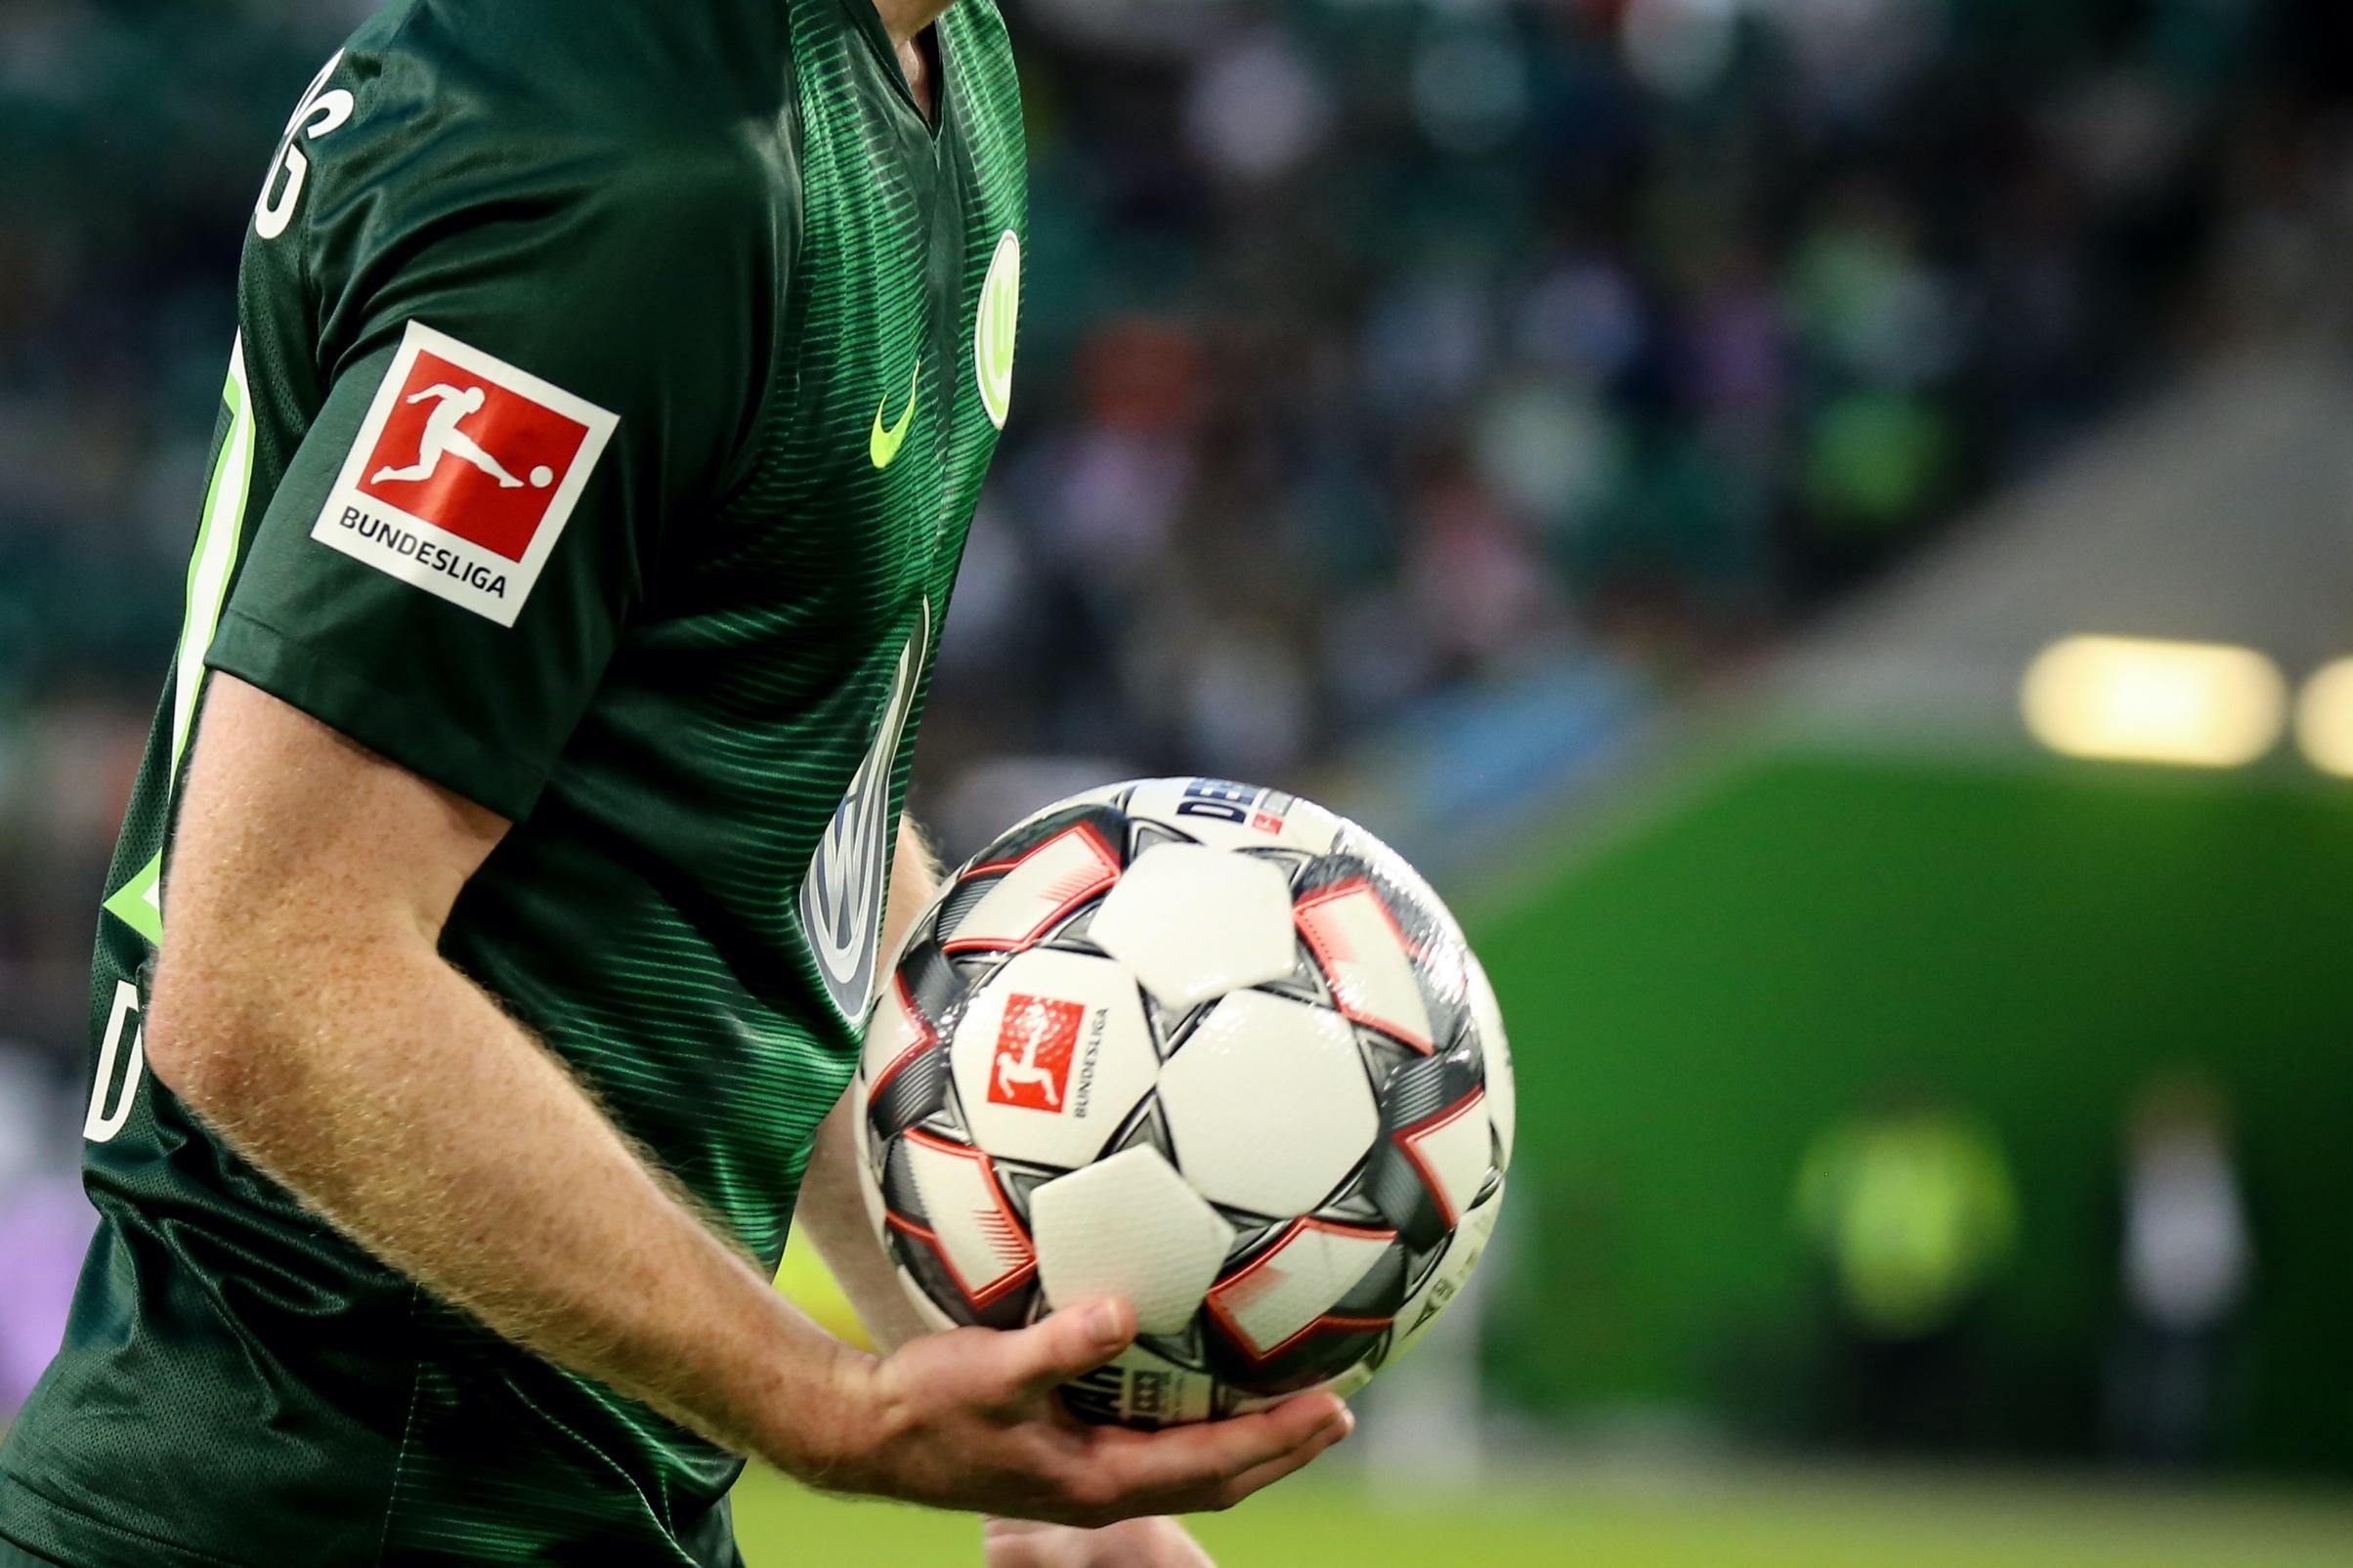 Piłkarska rewolucja przez pandemię. Gospodarze już nie mają przewagi!